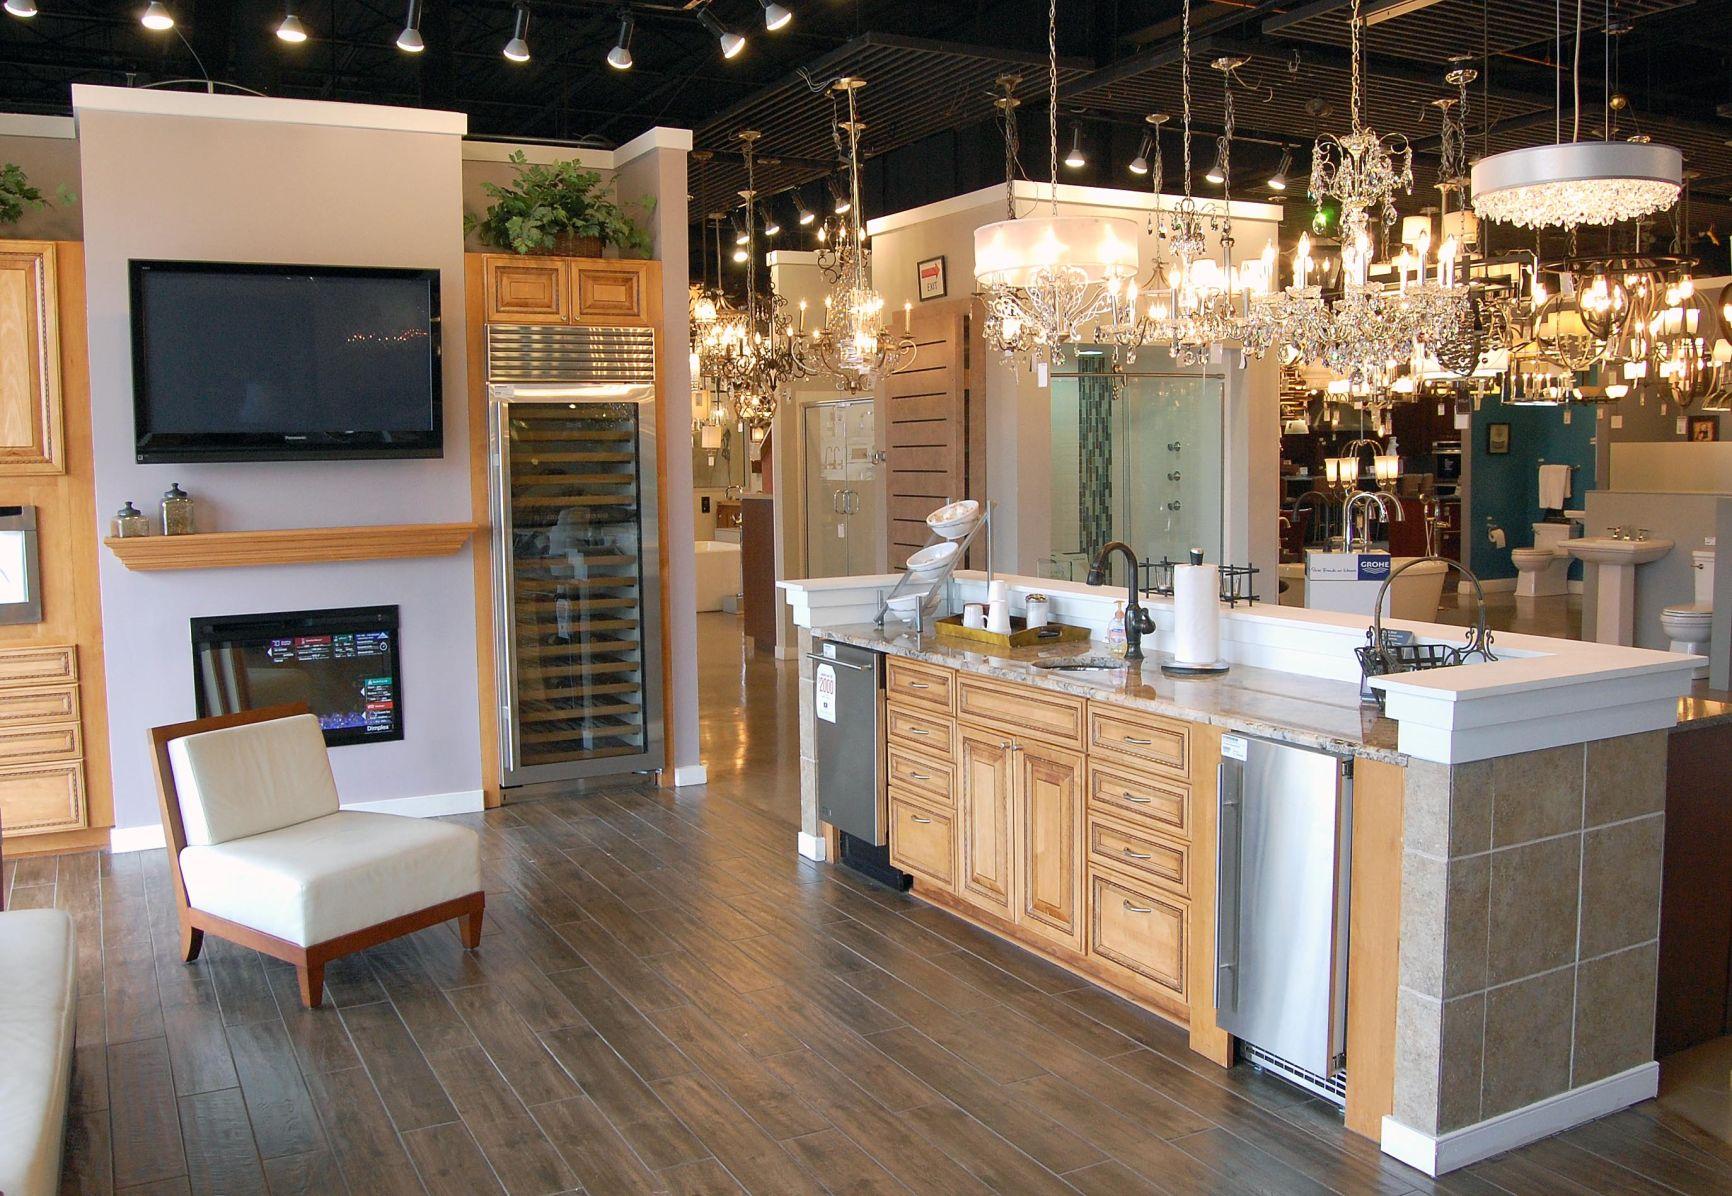 Merveilleux Ferguson Bath, Kitchen U0026 Lighting Gallery Expands In Charleston